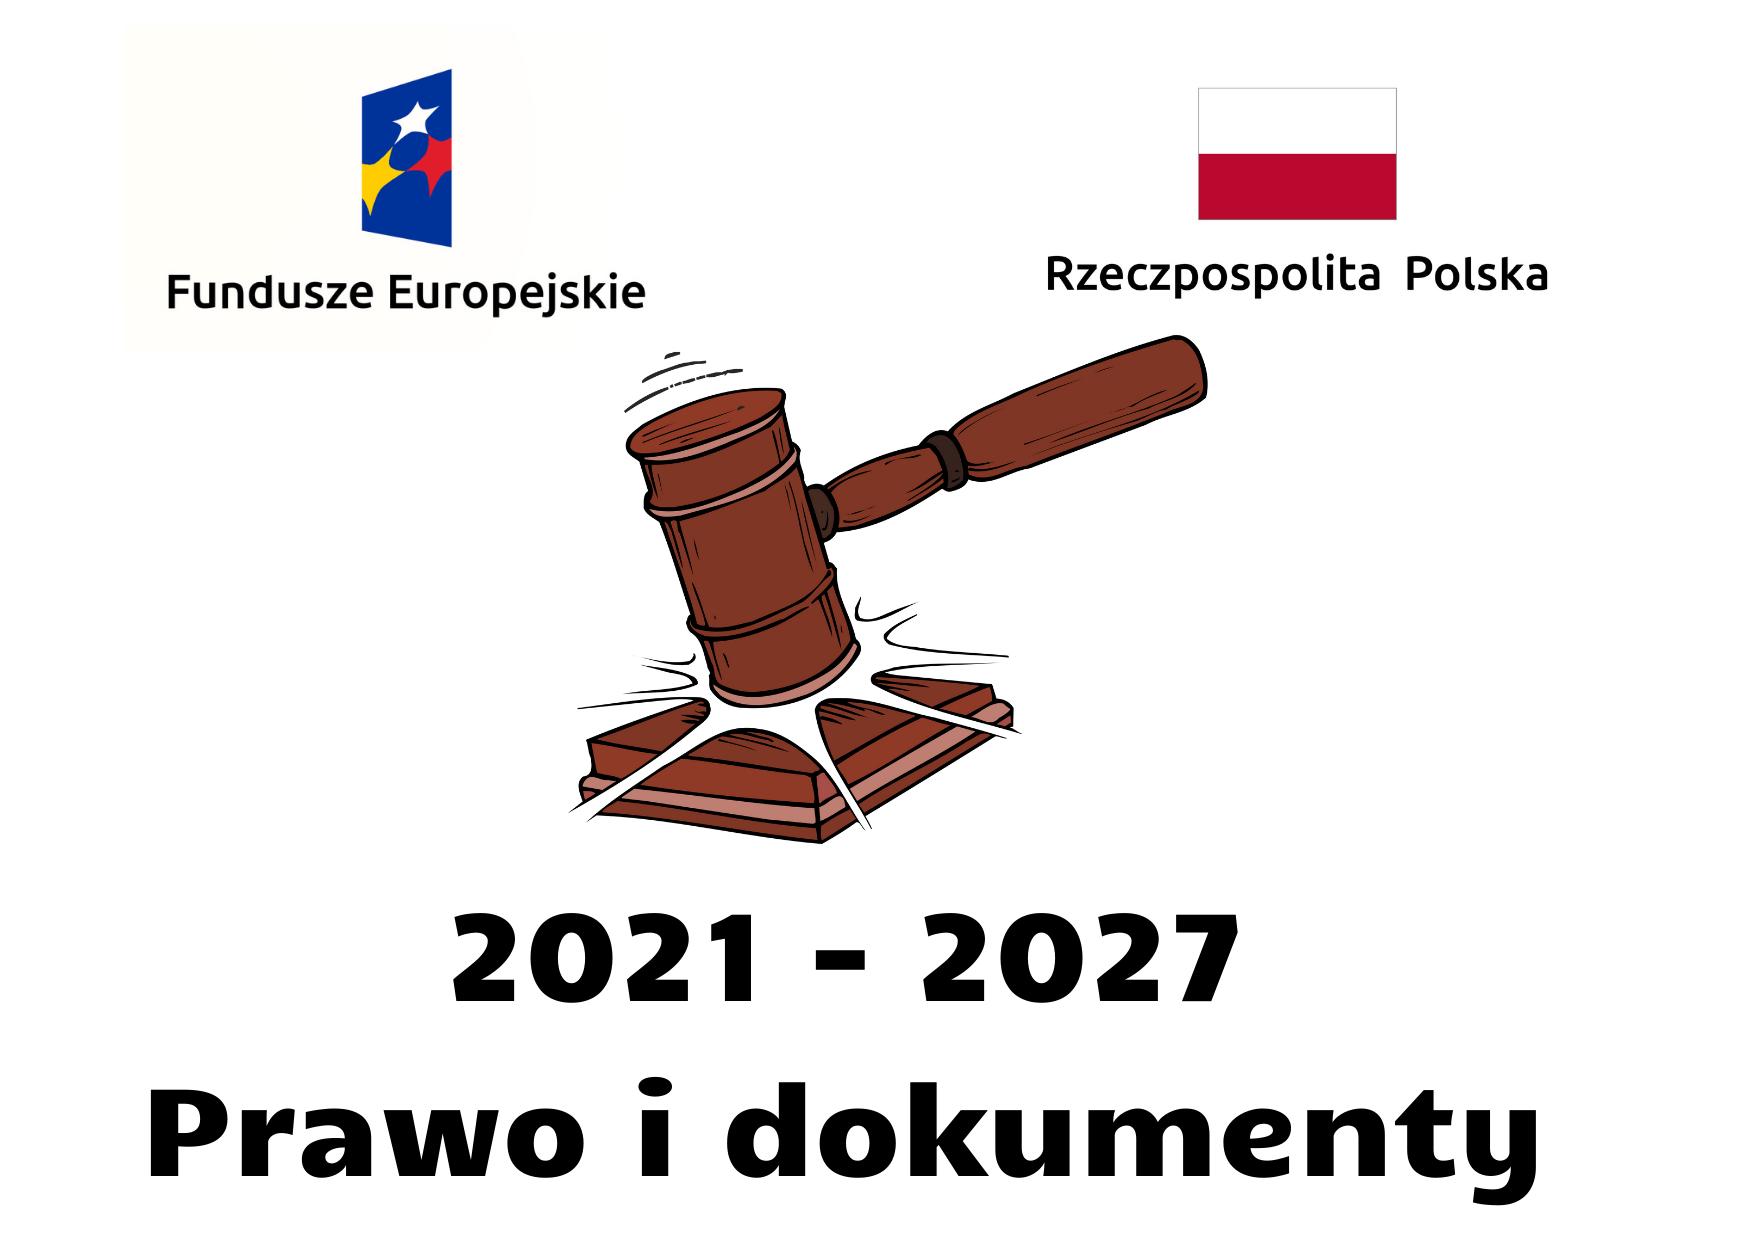 2021 2027 prawo i dokumenty - Pakiet rozporządzeń polityki spójności na lata 2021-2027 !